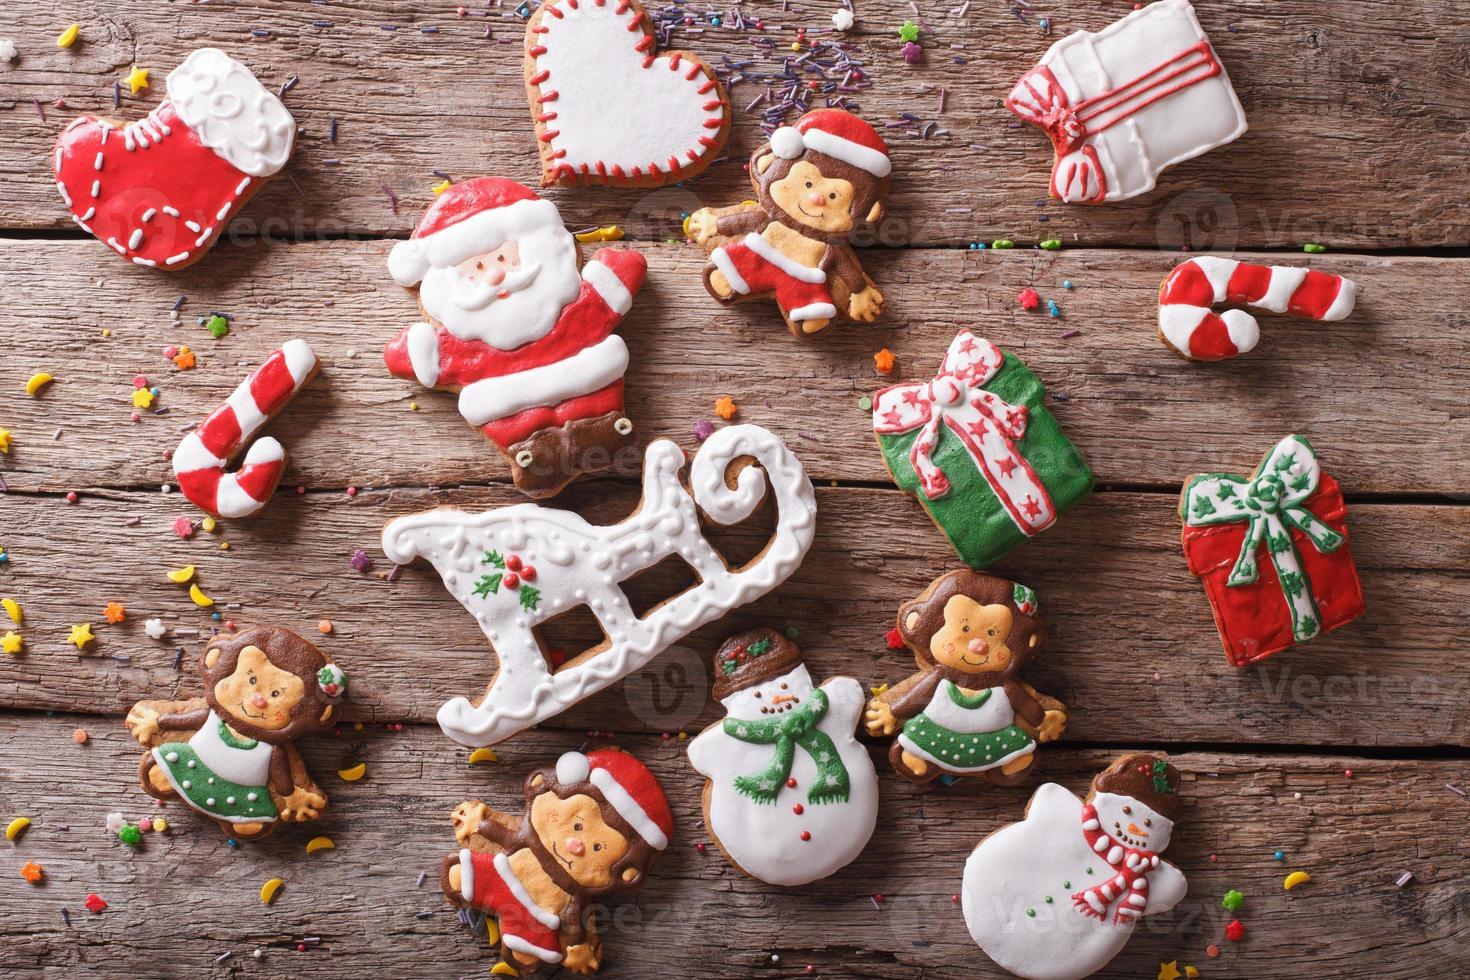 biscuits de pain d'épice de Noël sur un gros plan de table. horizontal à photo